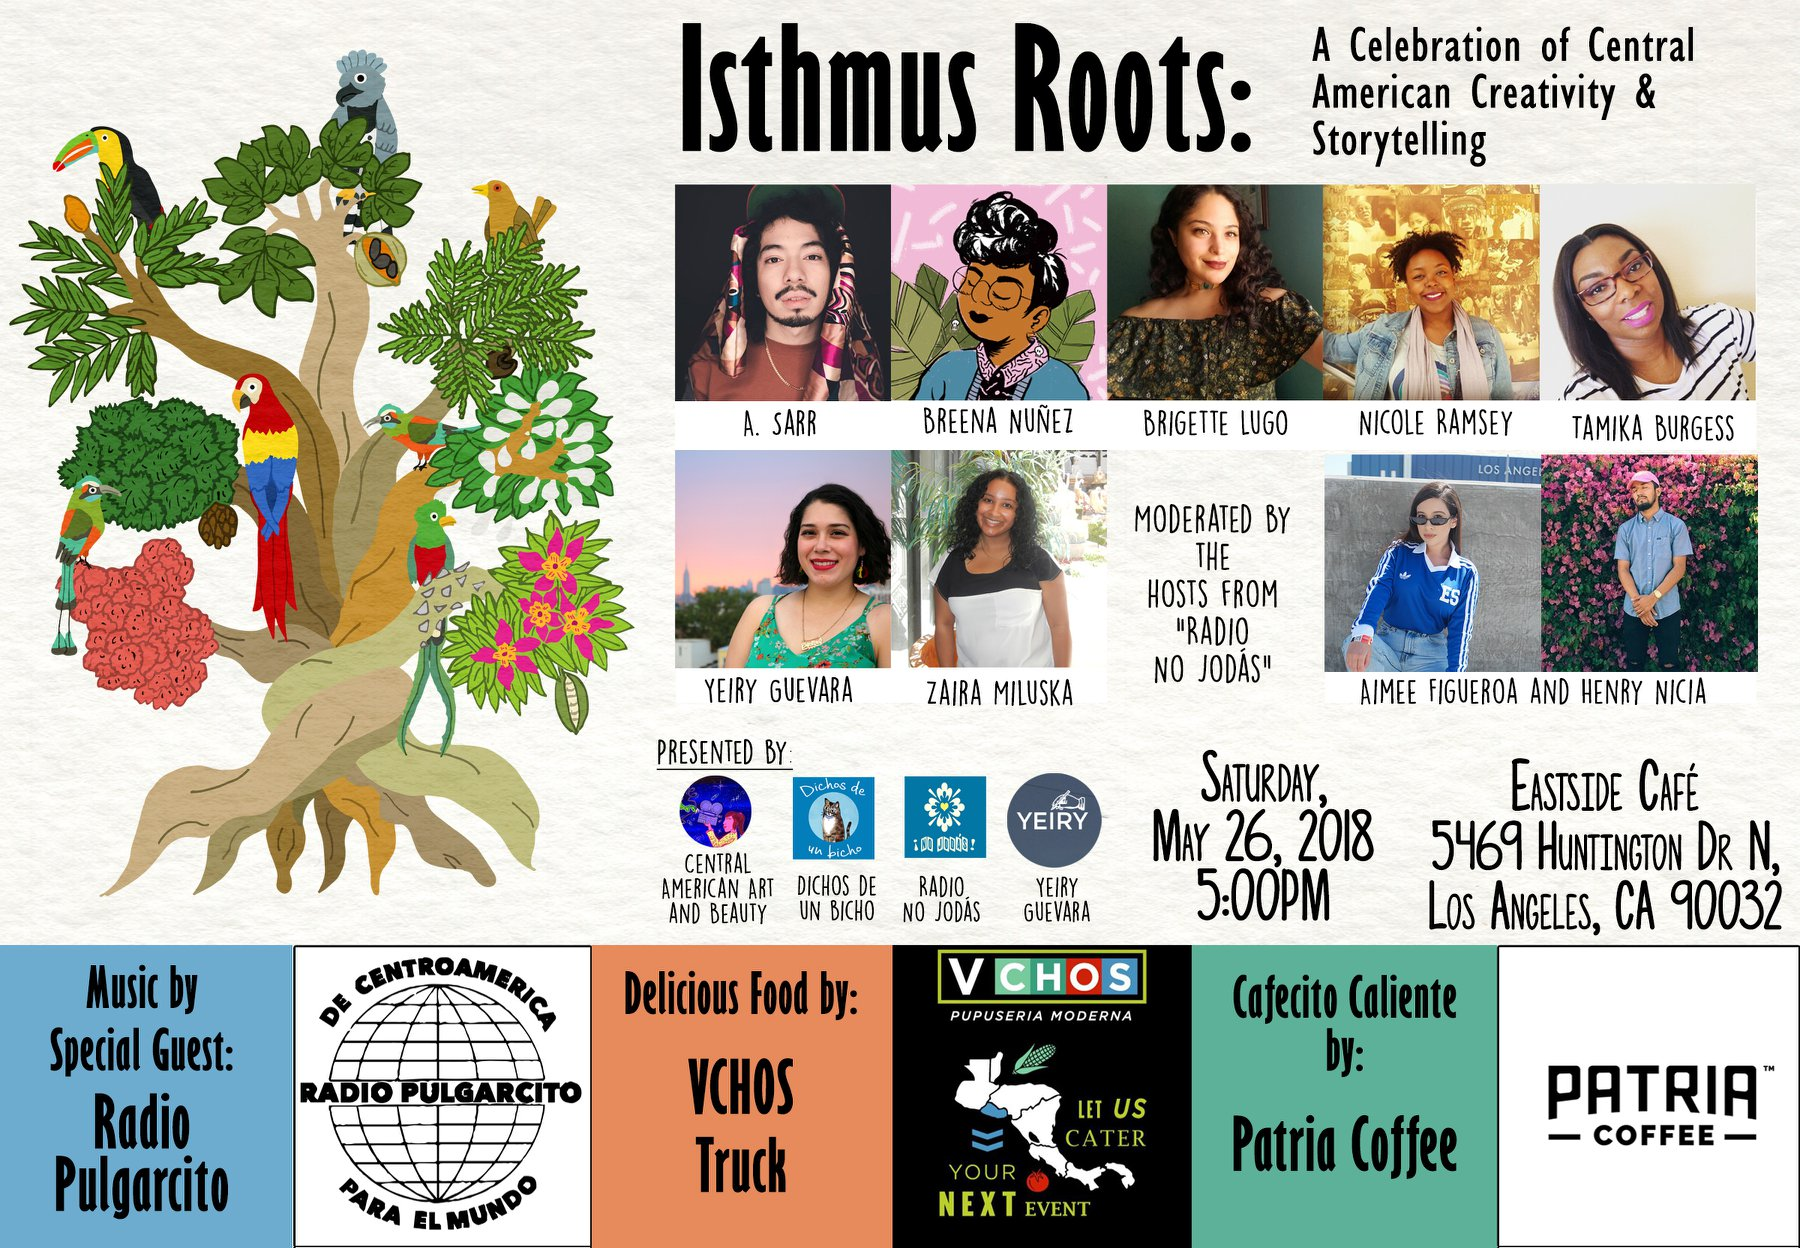 Event flyer designed by Victor of  Dichos de un bicho